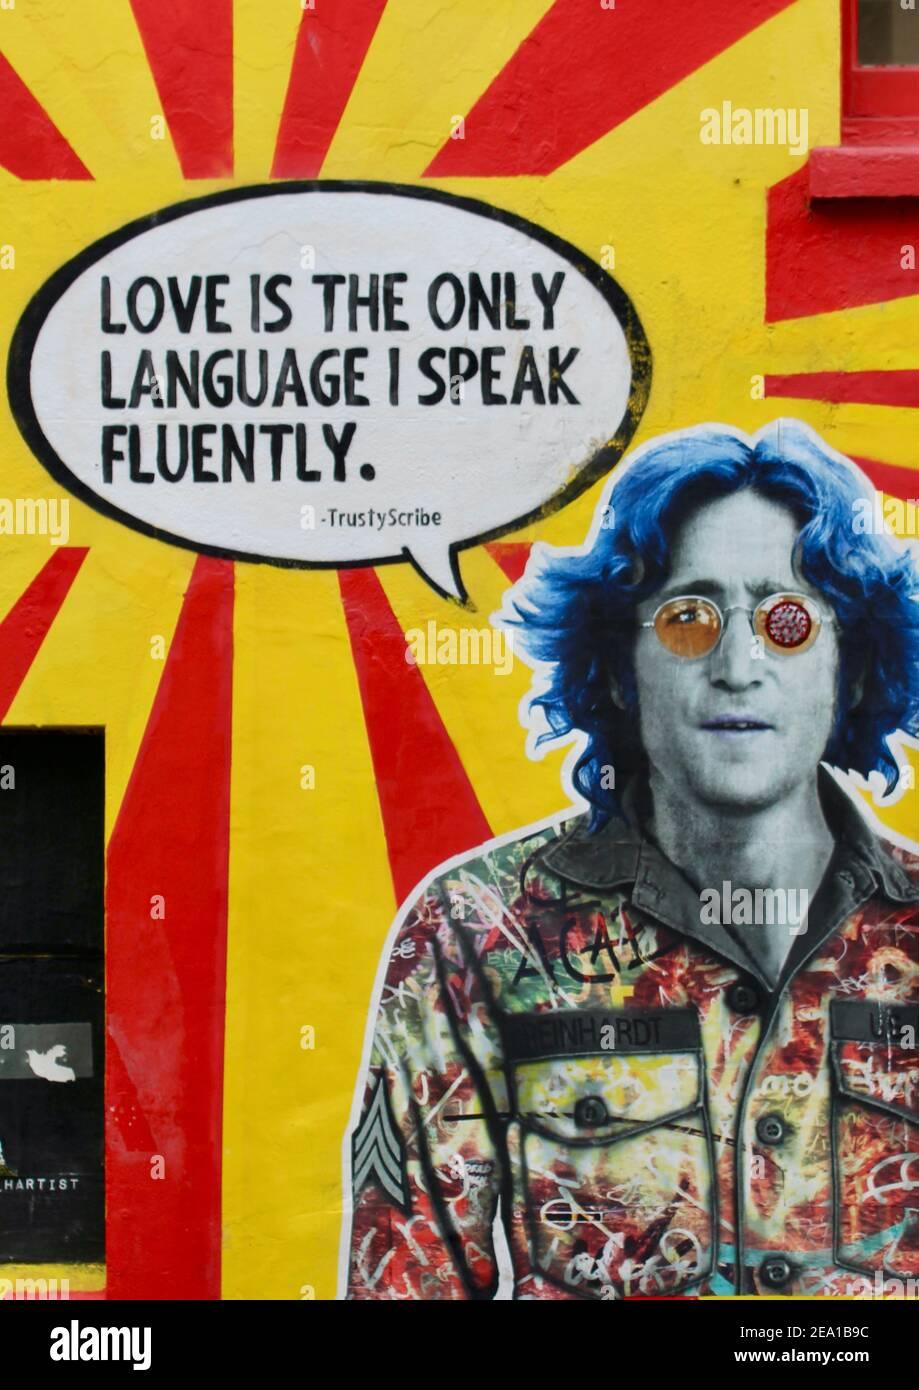 L'amour est la seule langue que je parle couramment. John Lennon Wall art de LockDown Saturday à Brighton, Angleterre. Tout ce dont vous avez besoin, c'est de l'amour. Message de Saint-Valentin Banque D'Images